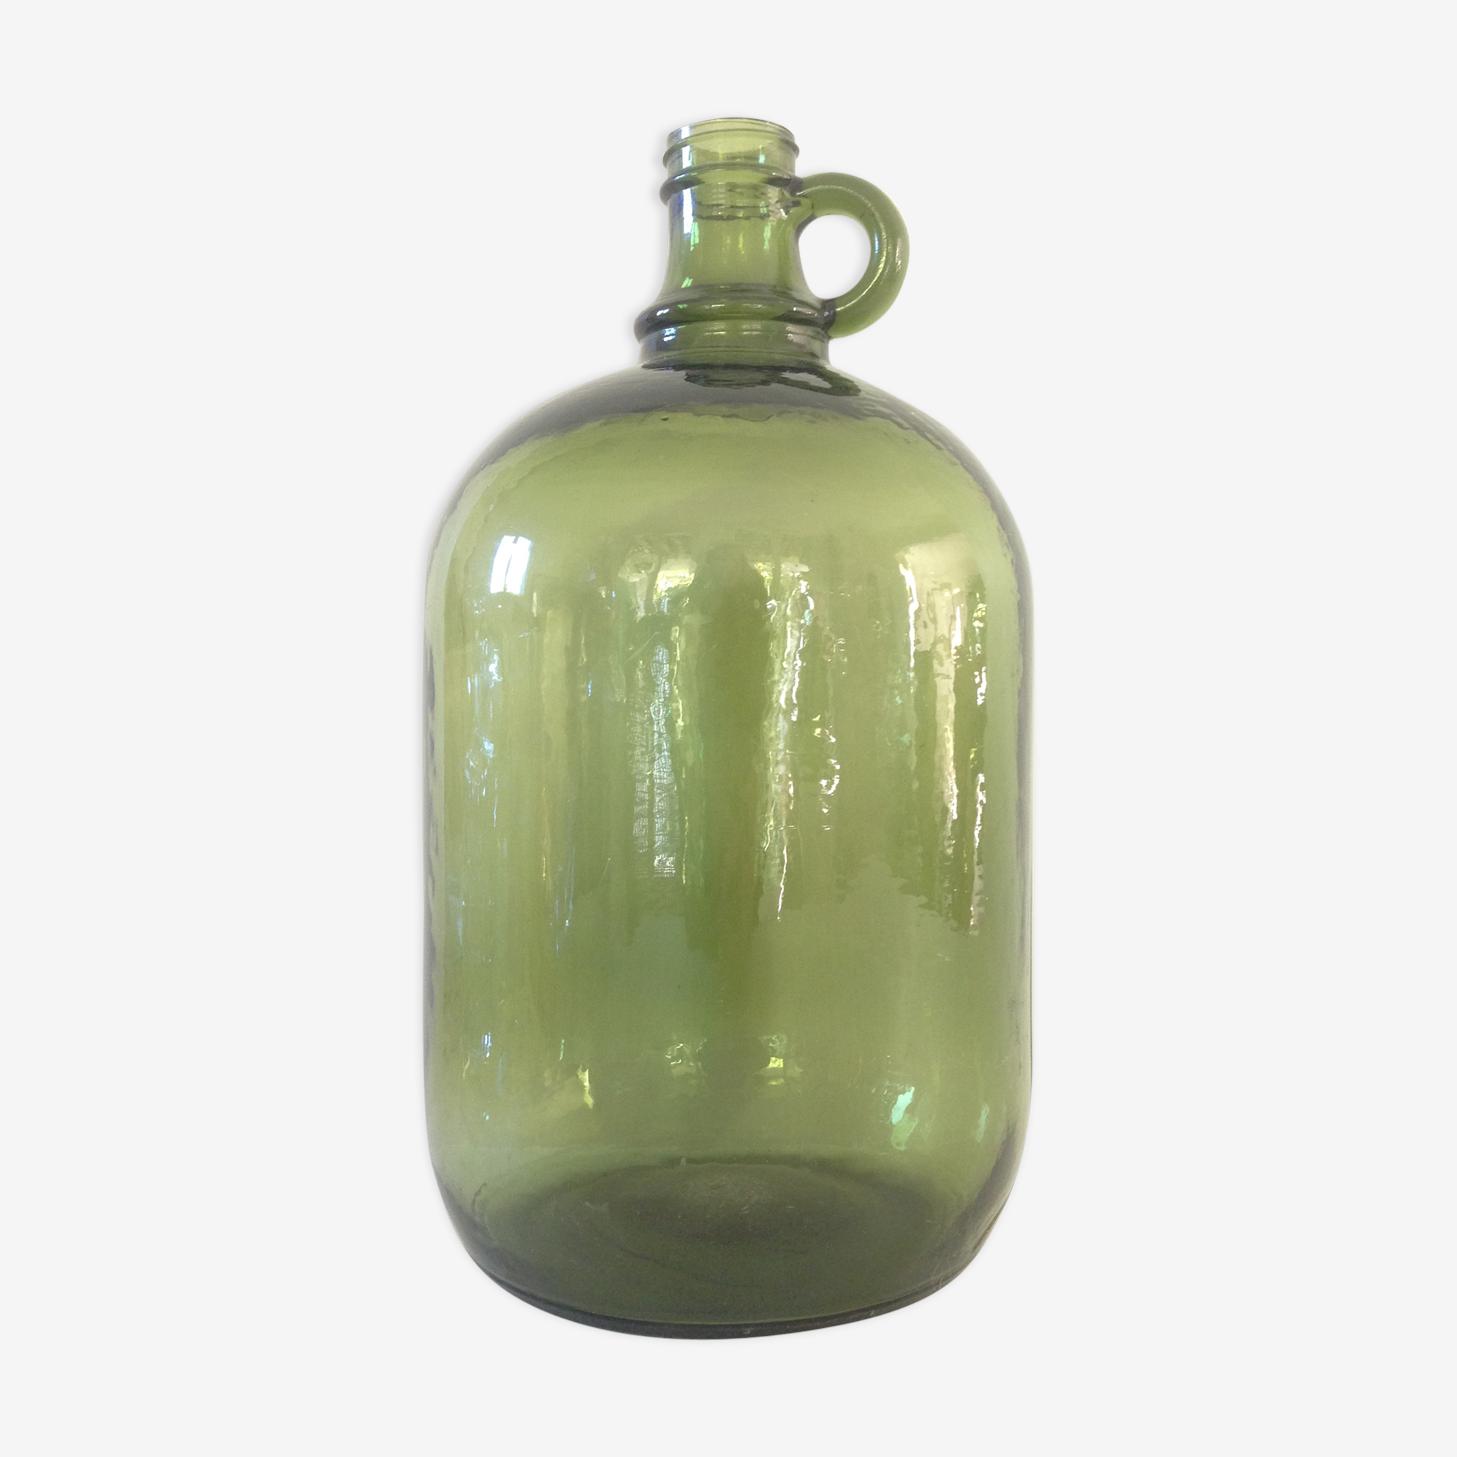 Bottle vintage 4liters